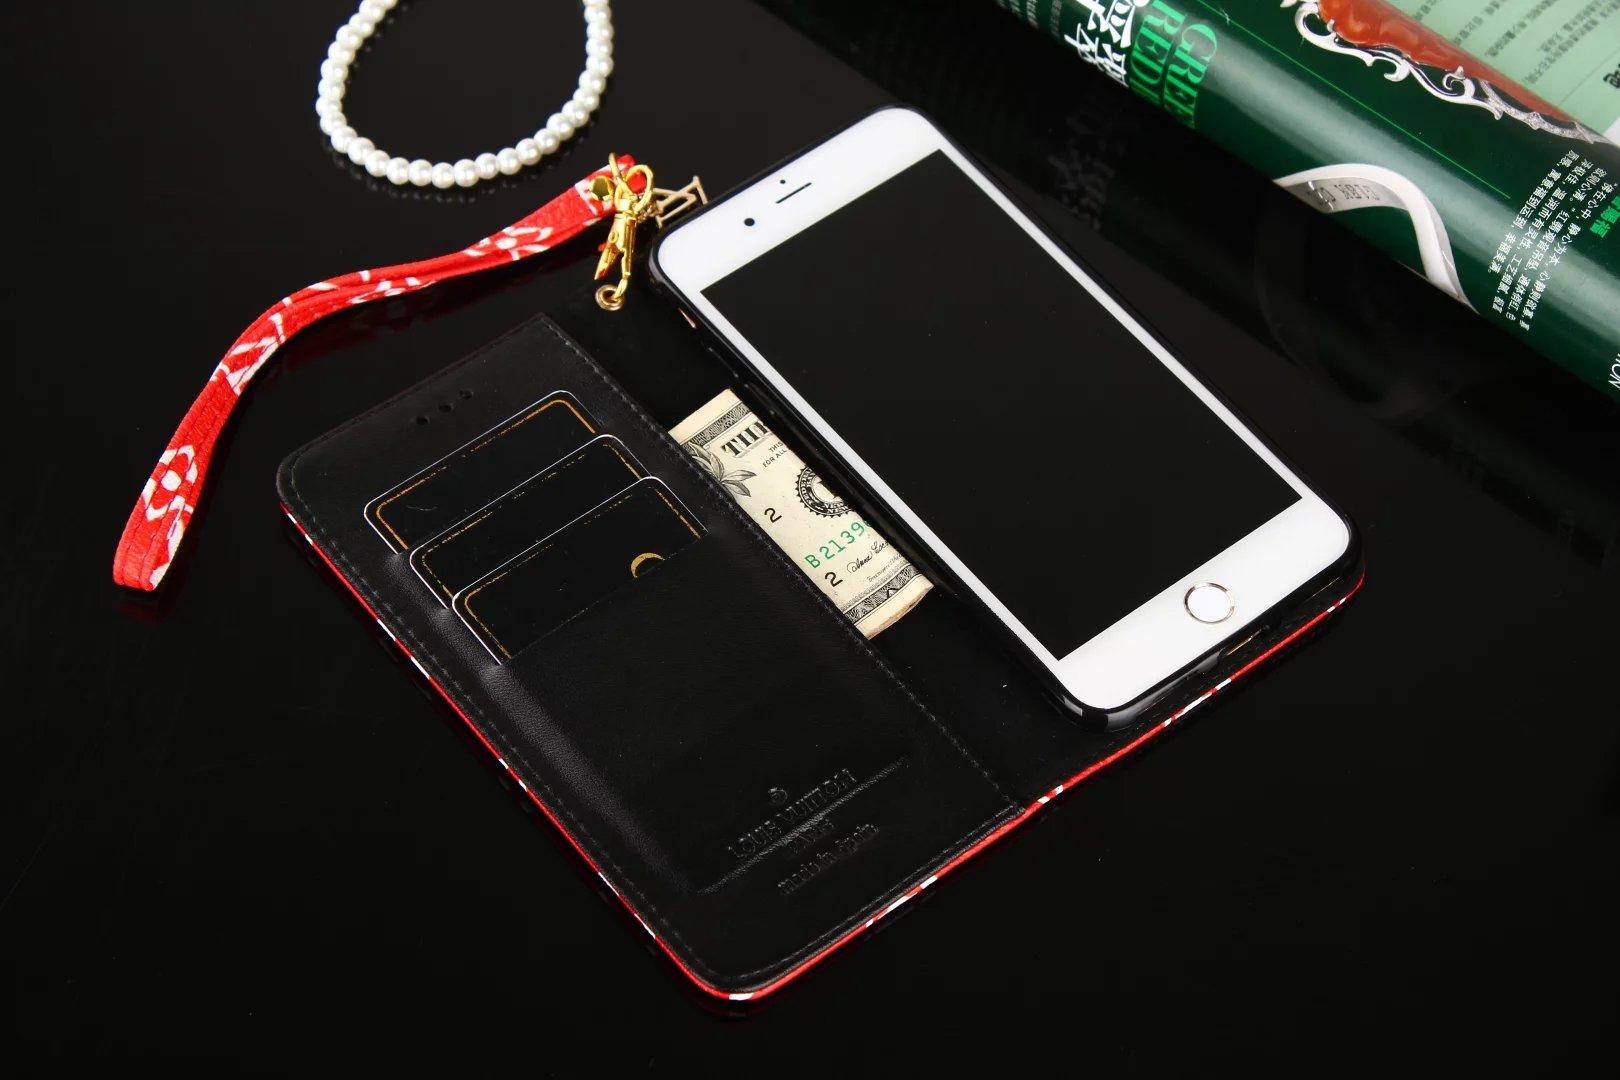 iphone 7 Plus cse iphone 7 Plus 7 Plus case fashion iphone7 Plus case phone covers iphone 7 Plus apple iphone case i phone 7 Plus s cover iphone luxury case iphone 7 Plus cse new case for iphone 7 Plus